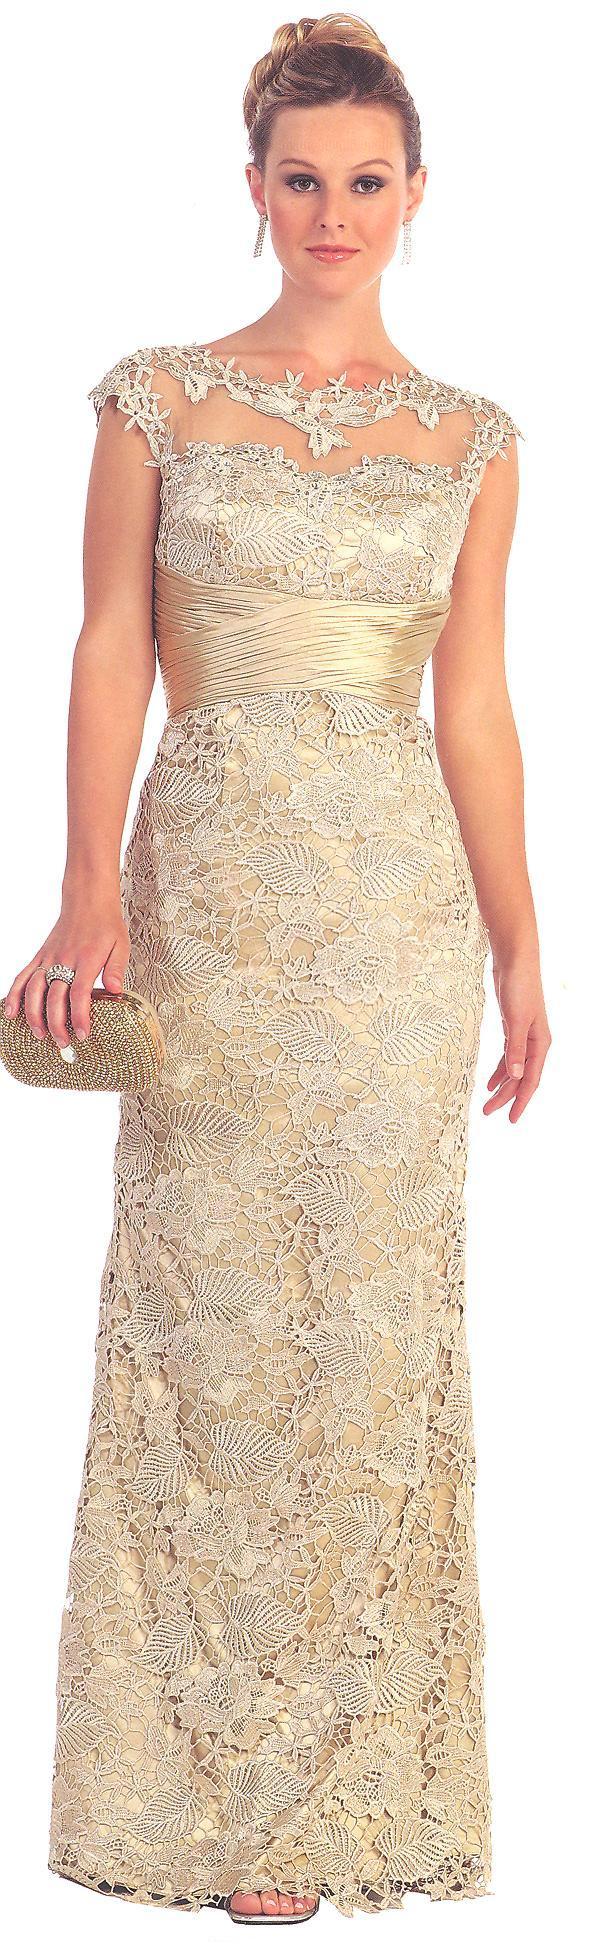 Wedding dresses under $200  Evening Dresses Wedding Dresses UNDER ucBRueafaucBRueLaceu  Un